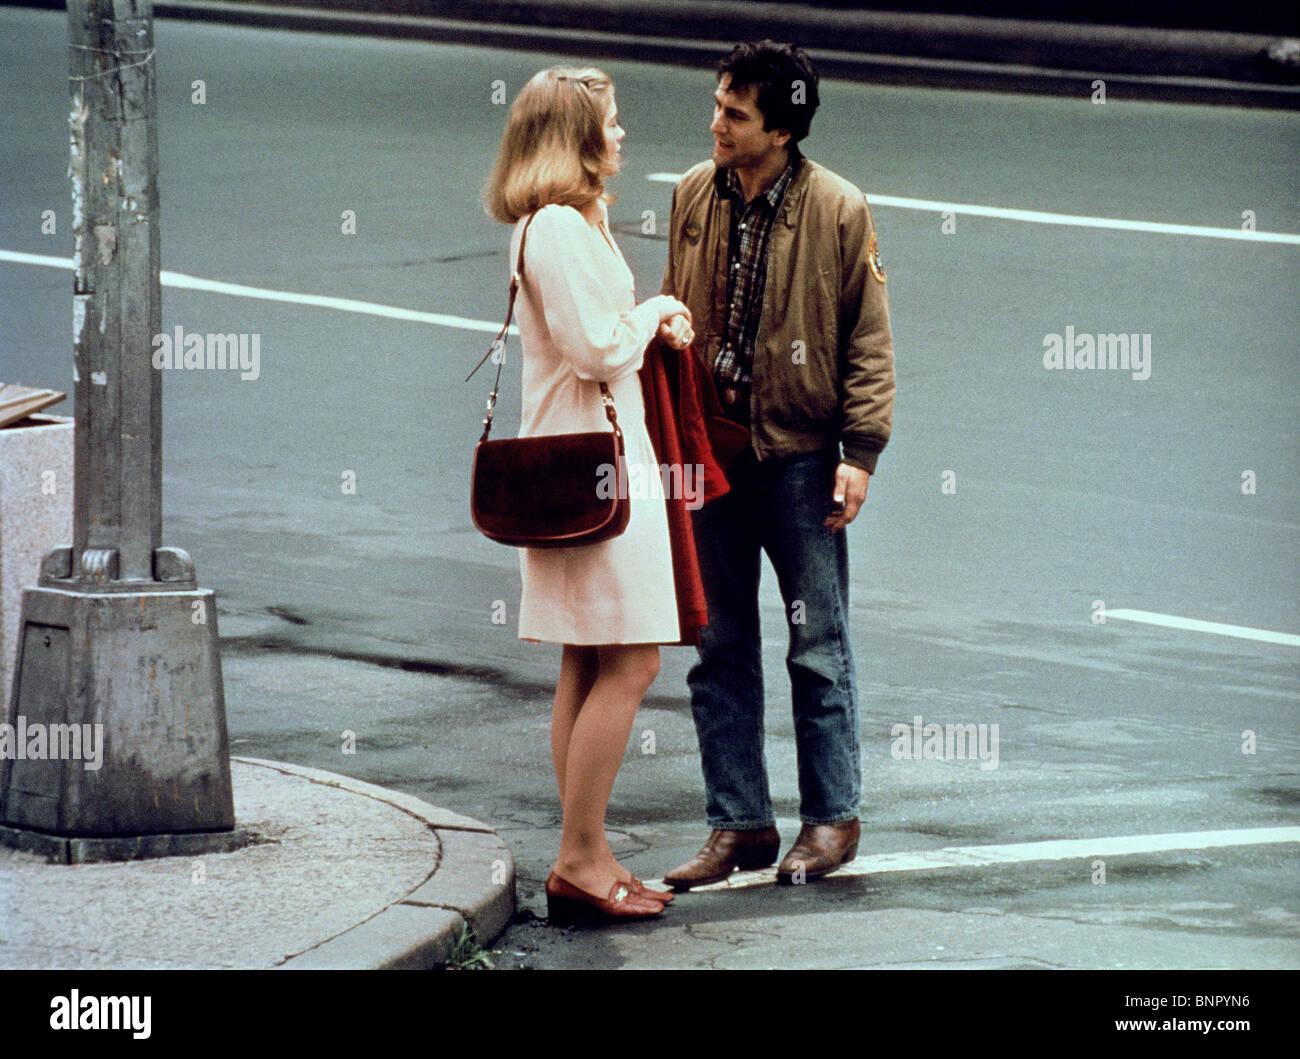 Dani Ceballos, Semedo son altos, bajos o medios - Página 2 Cybill-shepherd-robert-de-niro-en-taxi-driver-1976-bnpyn6